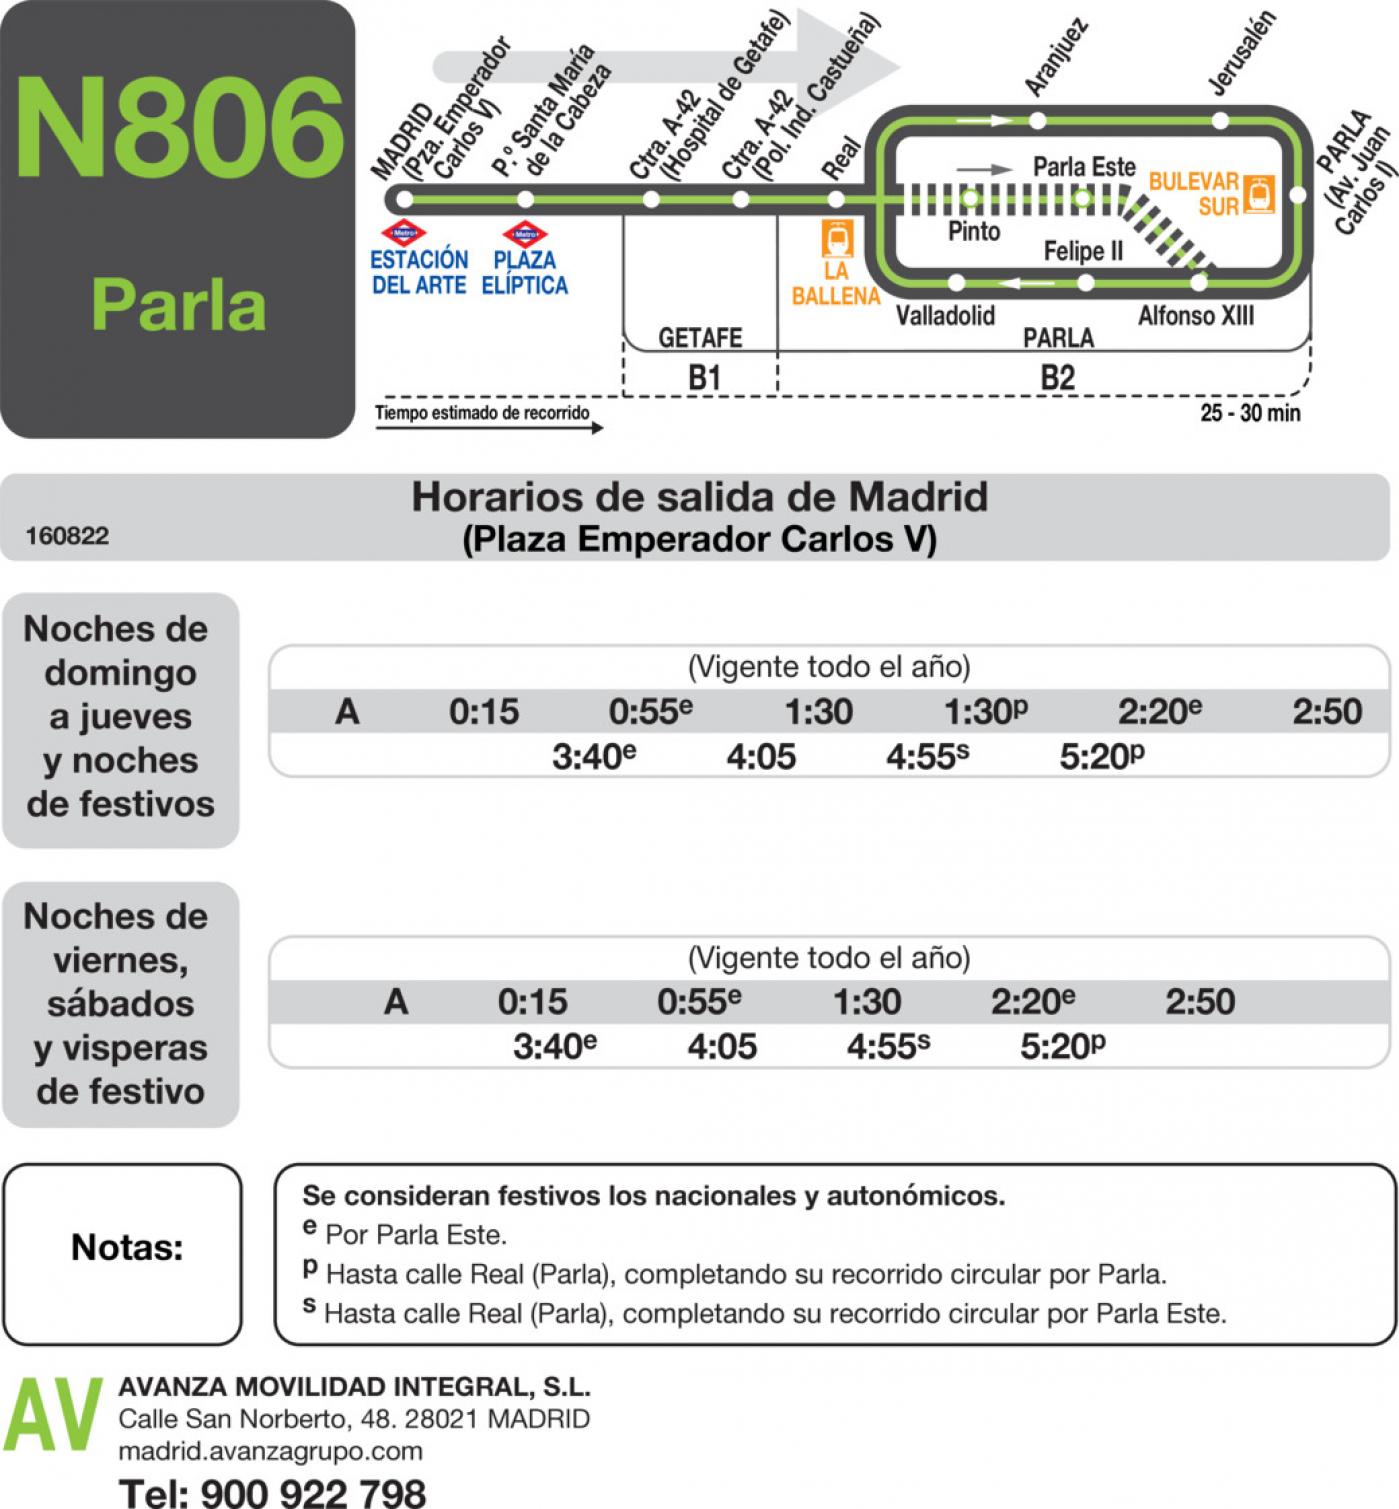 Tabla de horarios y frecuencias de paso en sentido ida Línea N-806: Madrid (Atocha) - Parla